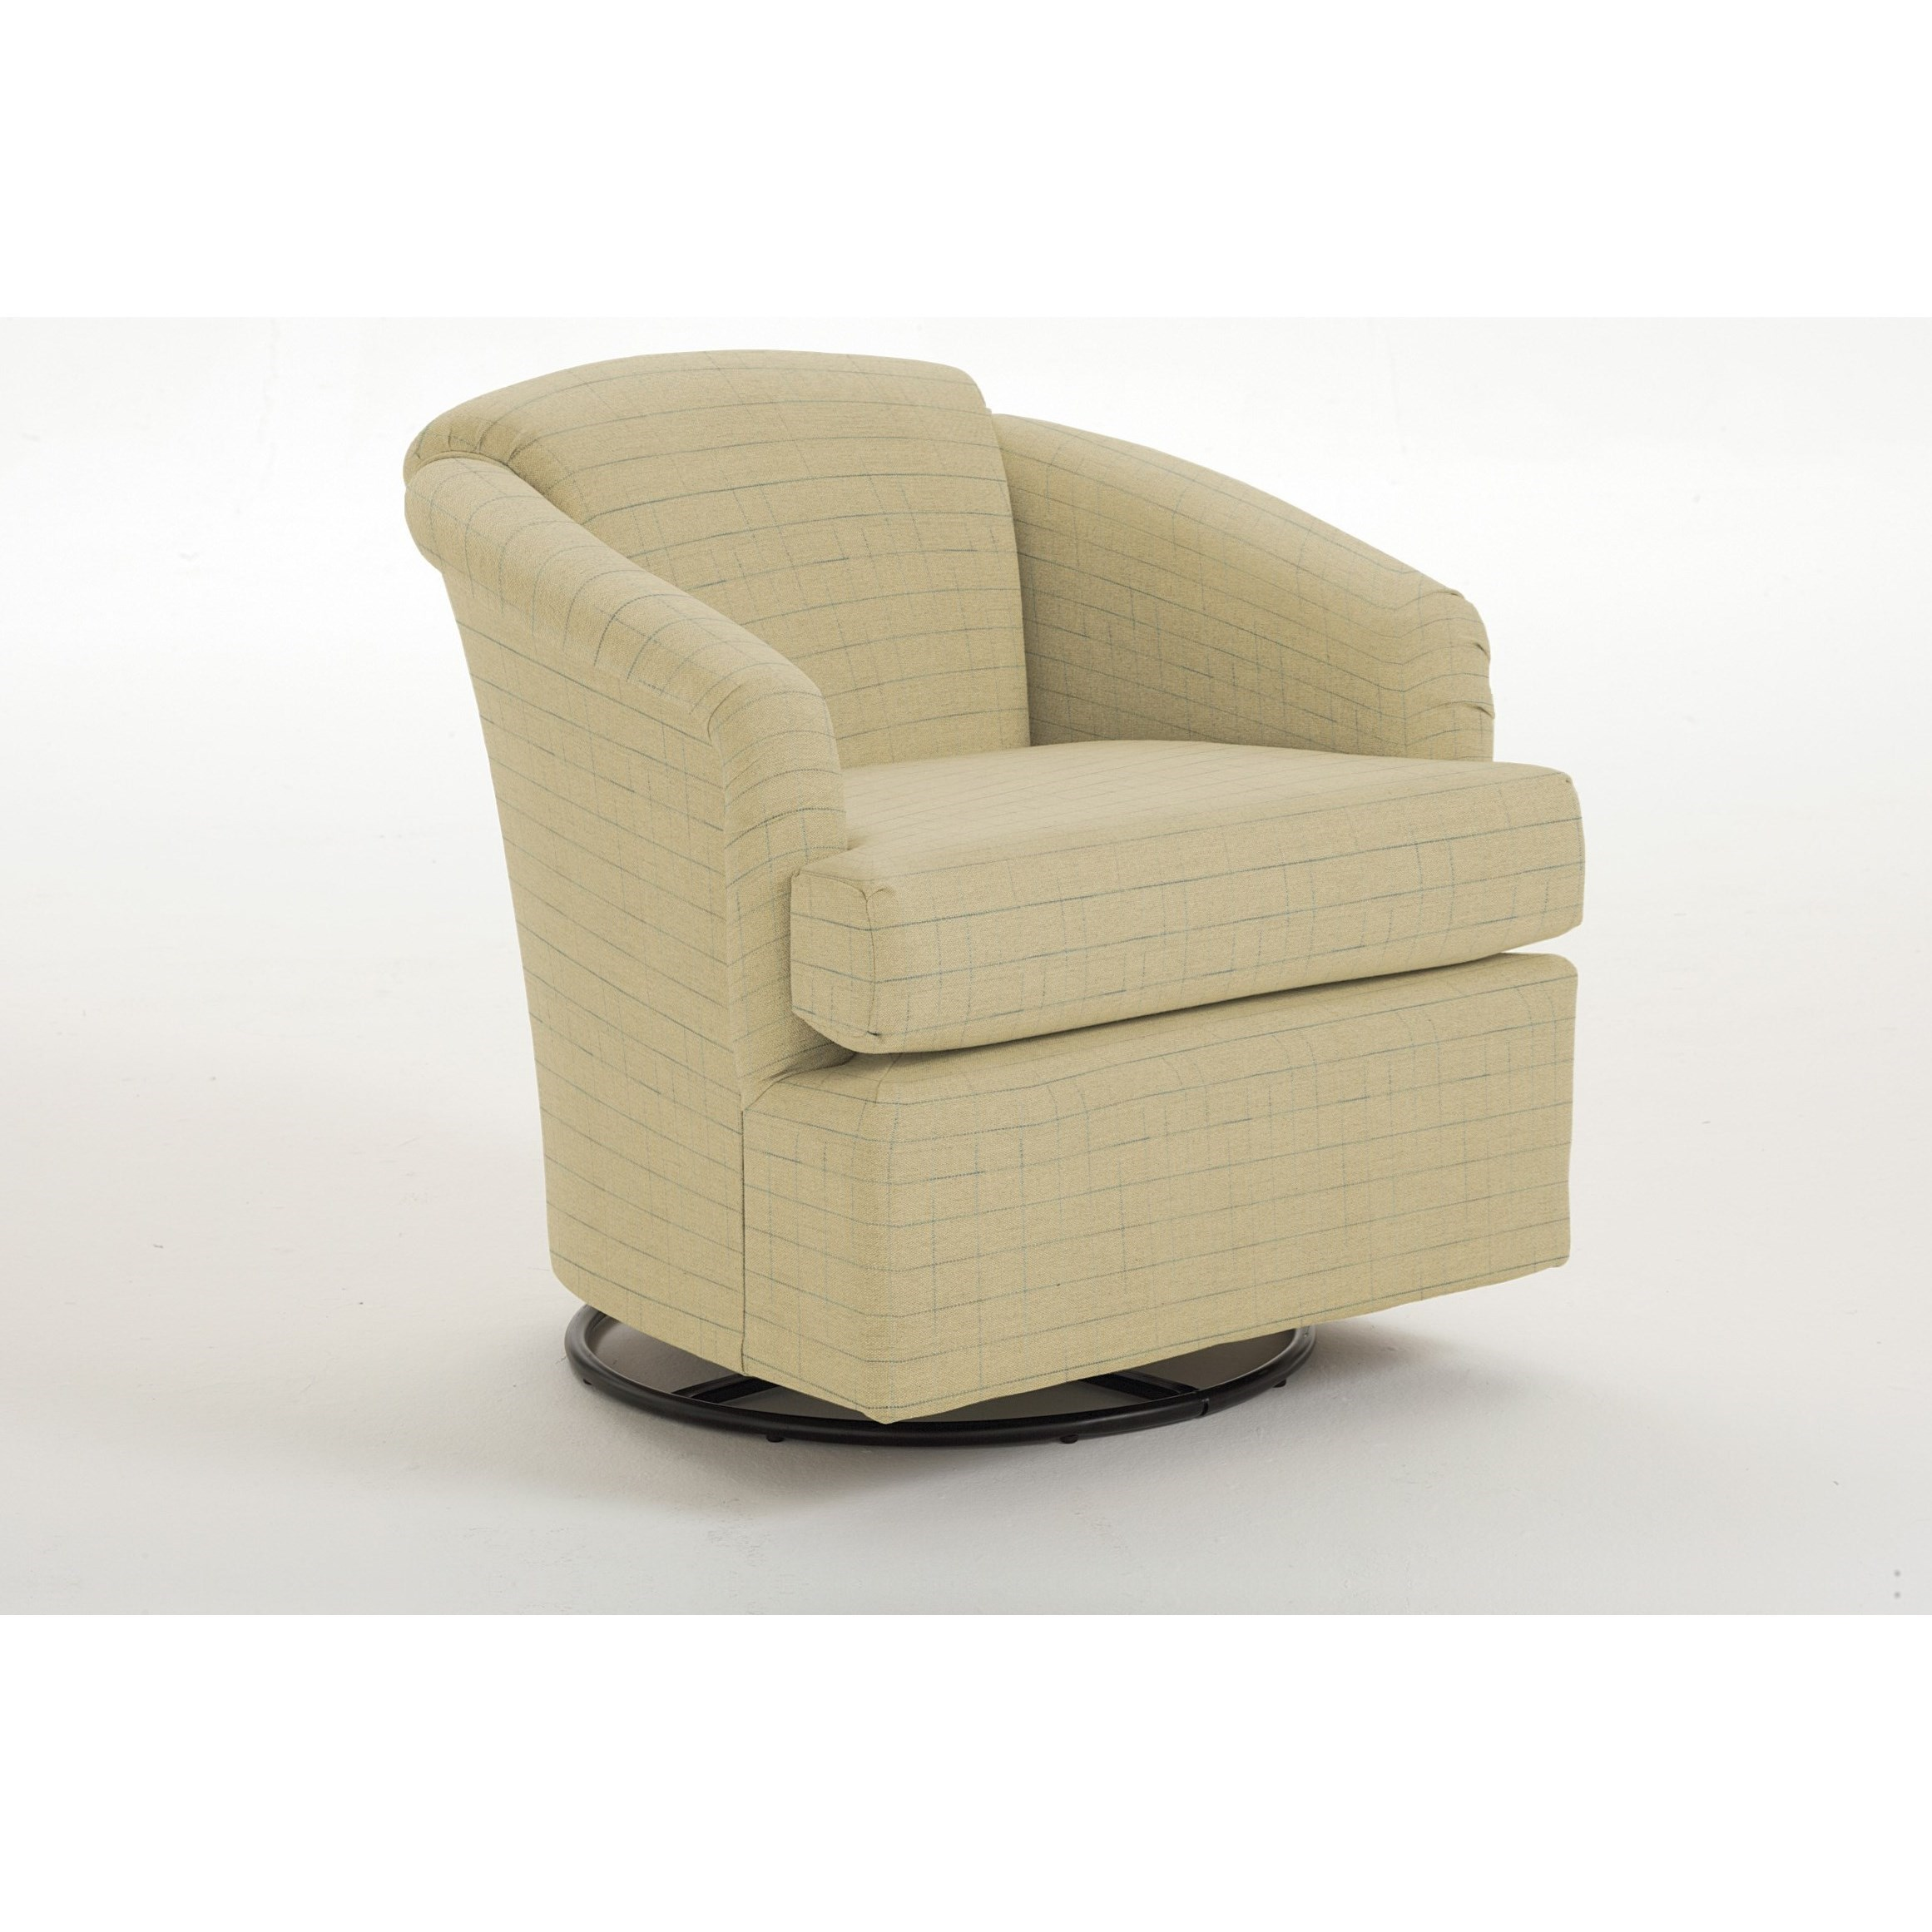 Cass Cass Swivel Chair by Best Home Furnishings at Lucas Furniture & Mattress